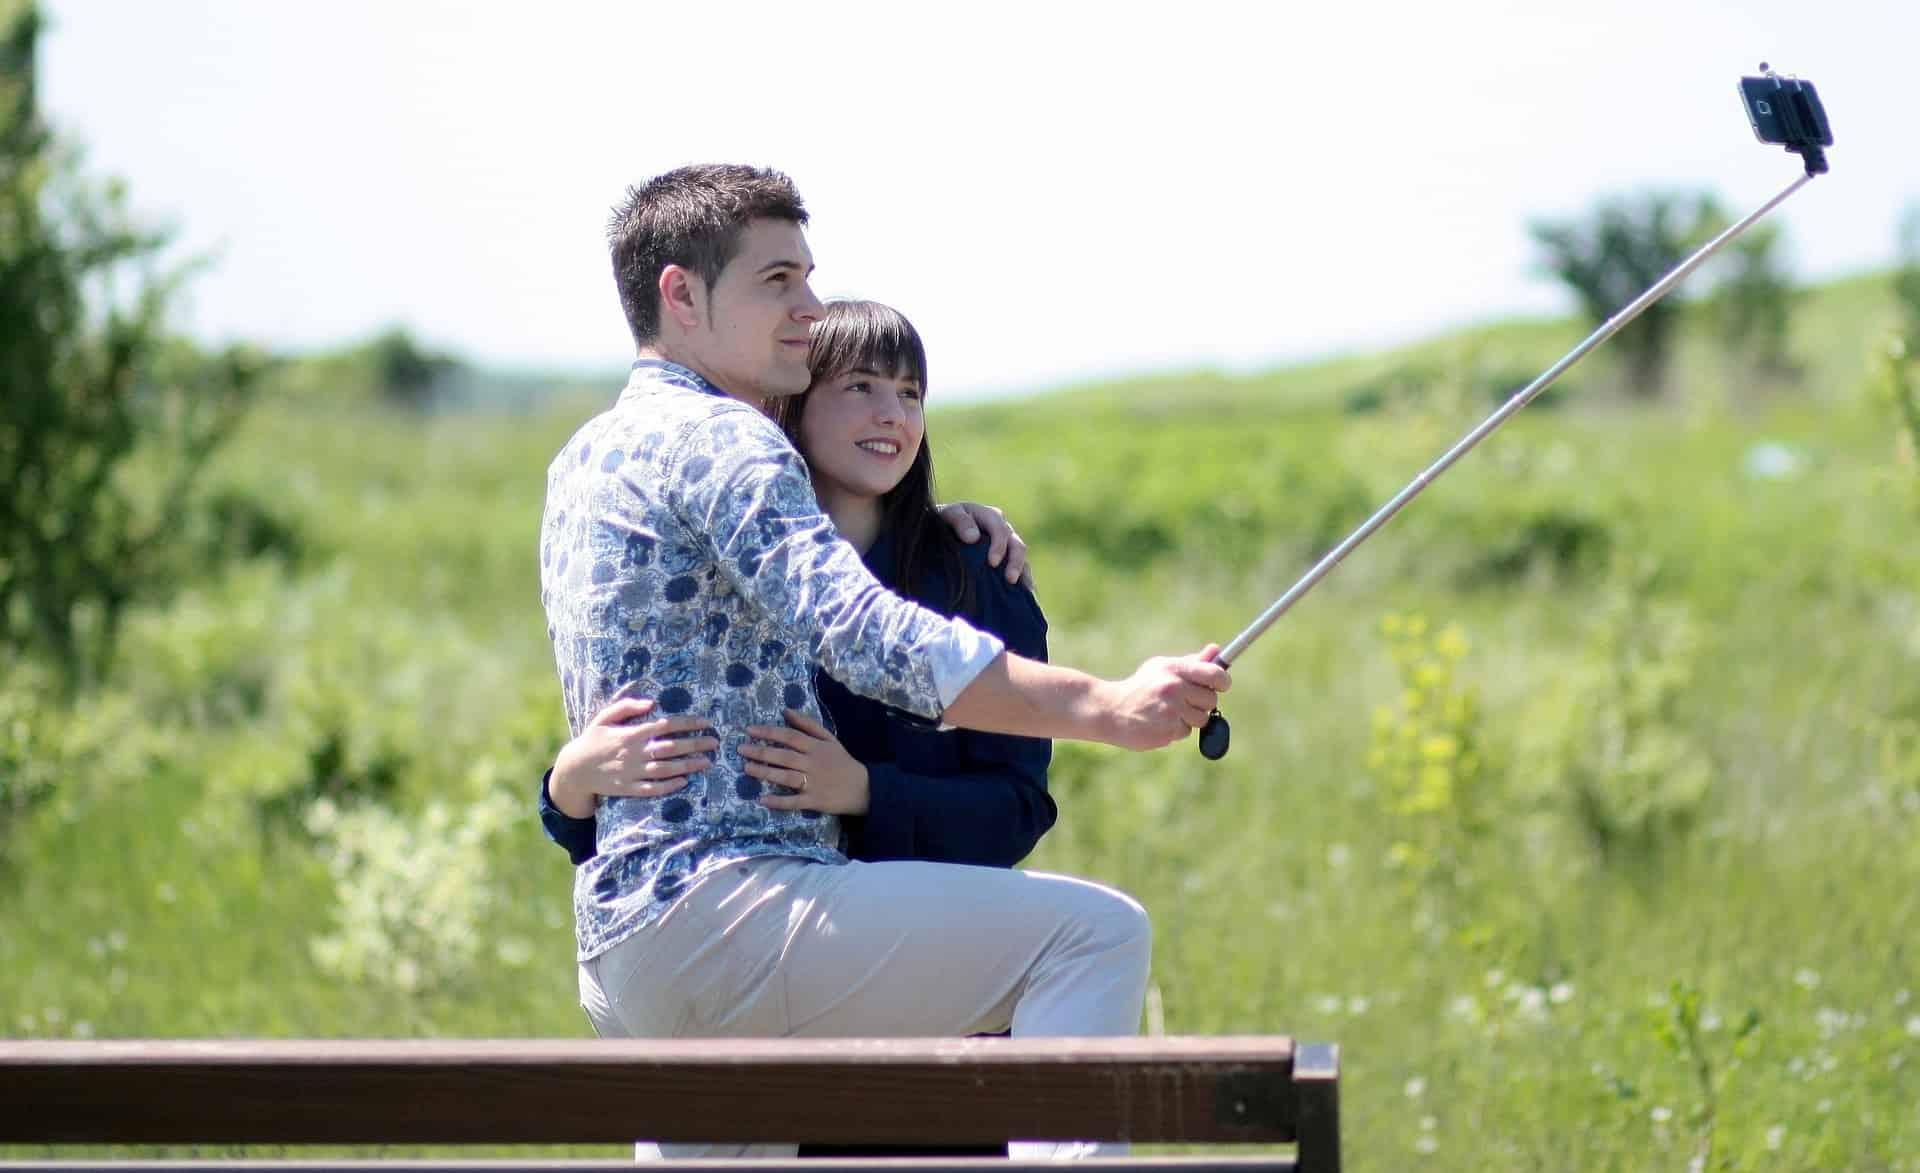 Imagem de um casal abraçado, tirando foto com um pau de selfie, em um espaço aberto, com um fundo de natureza.